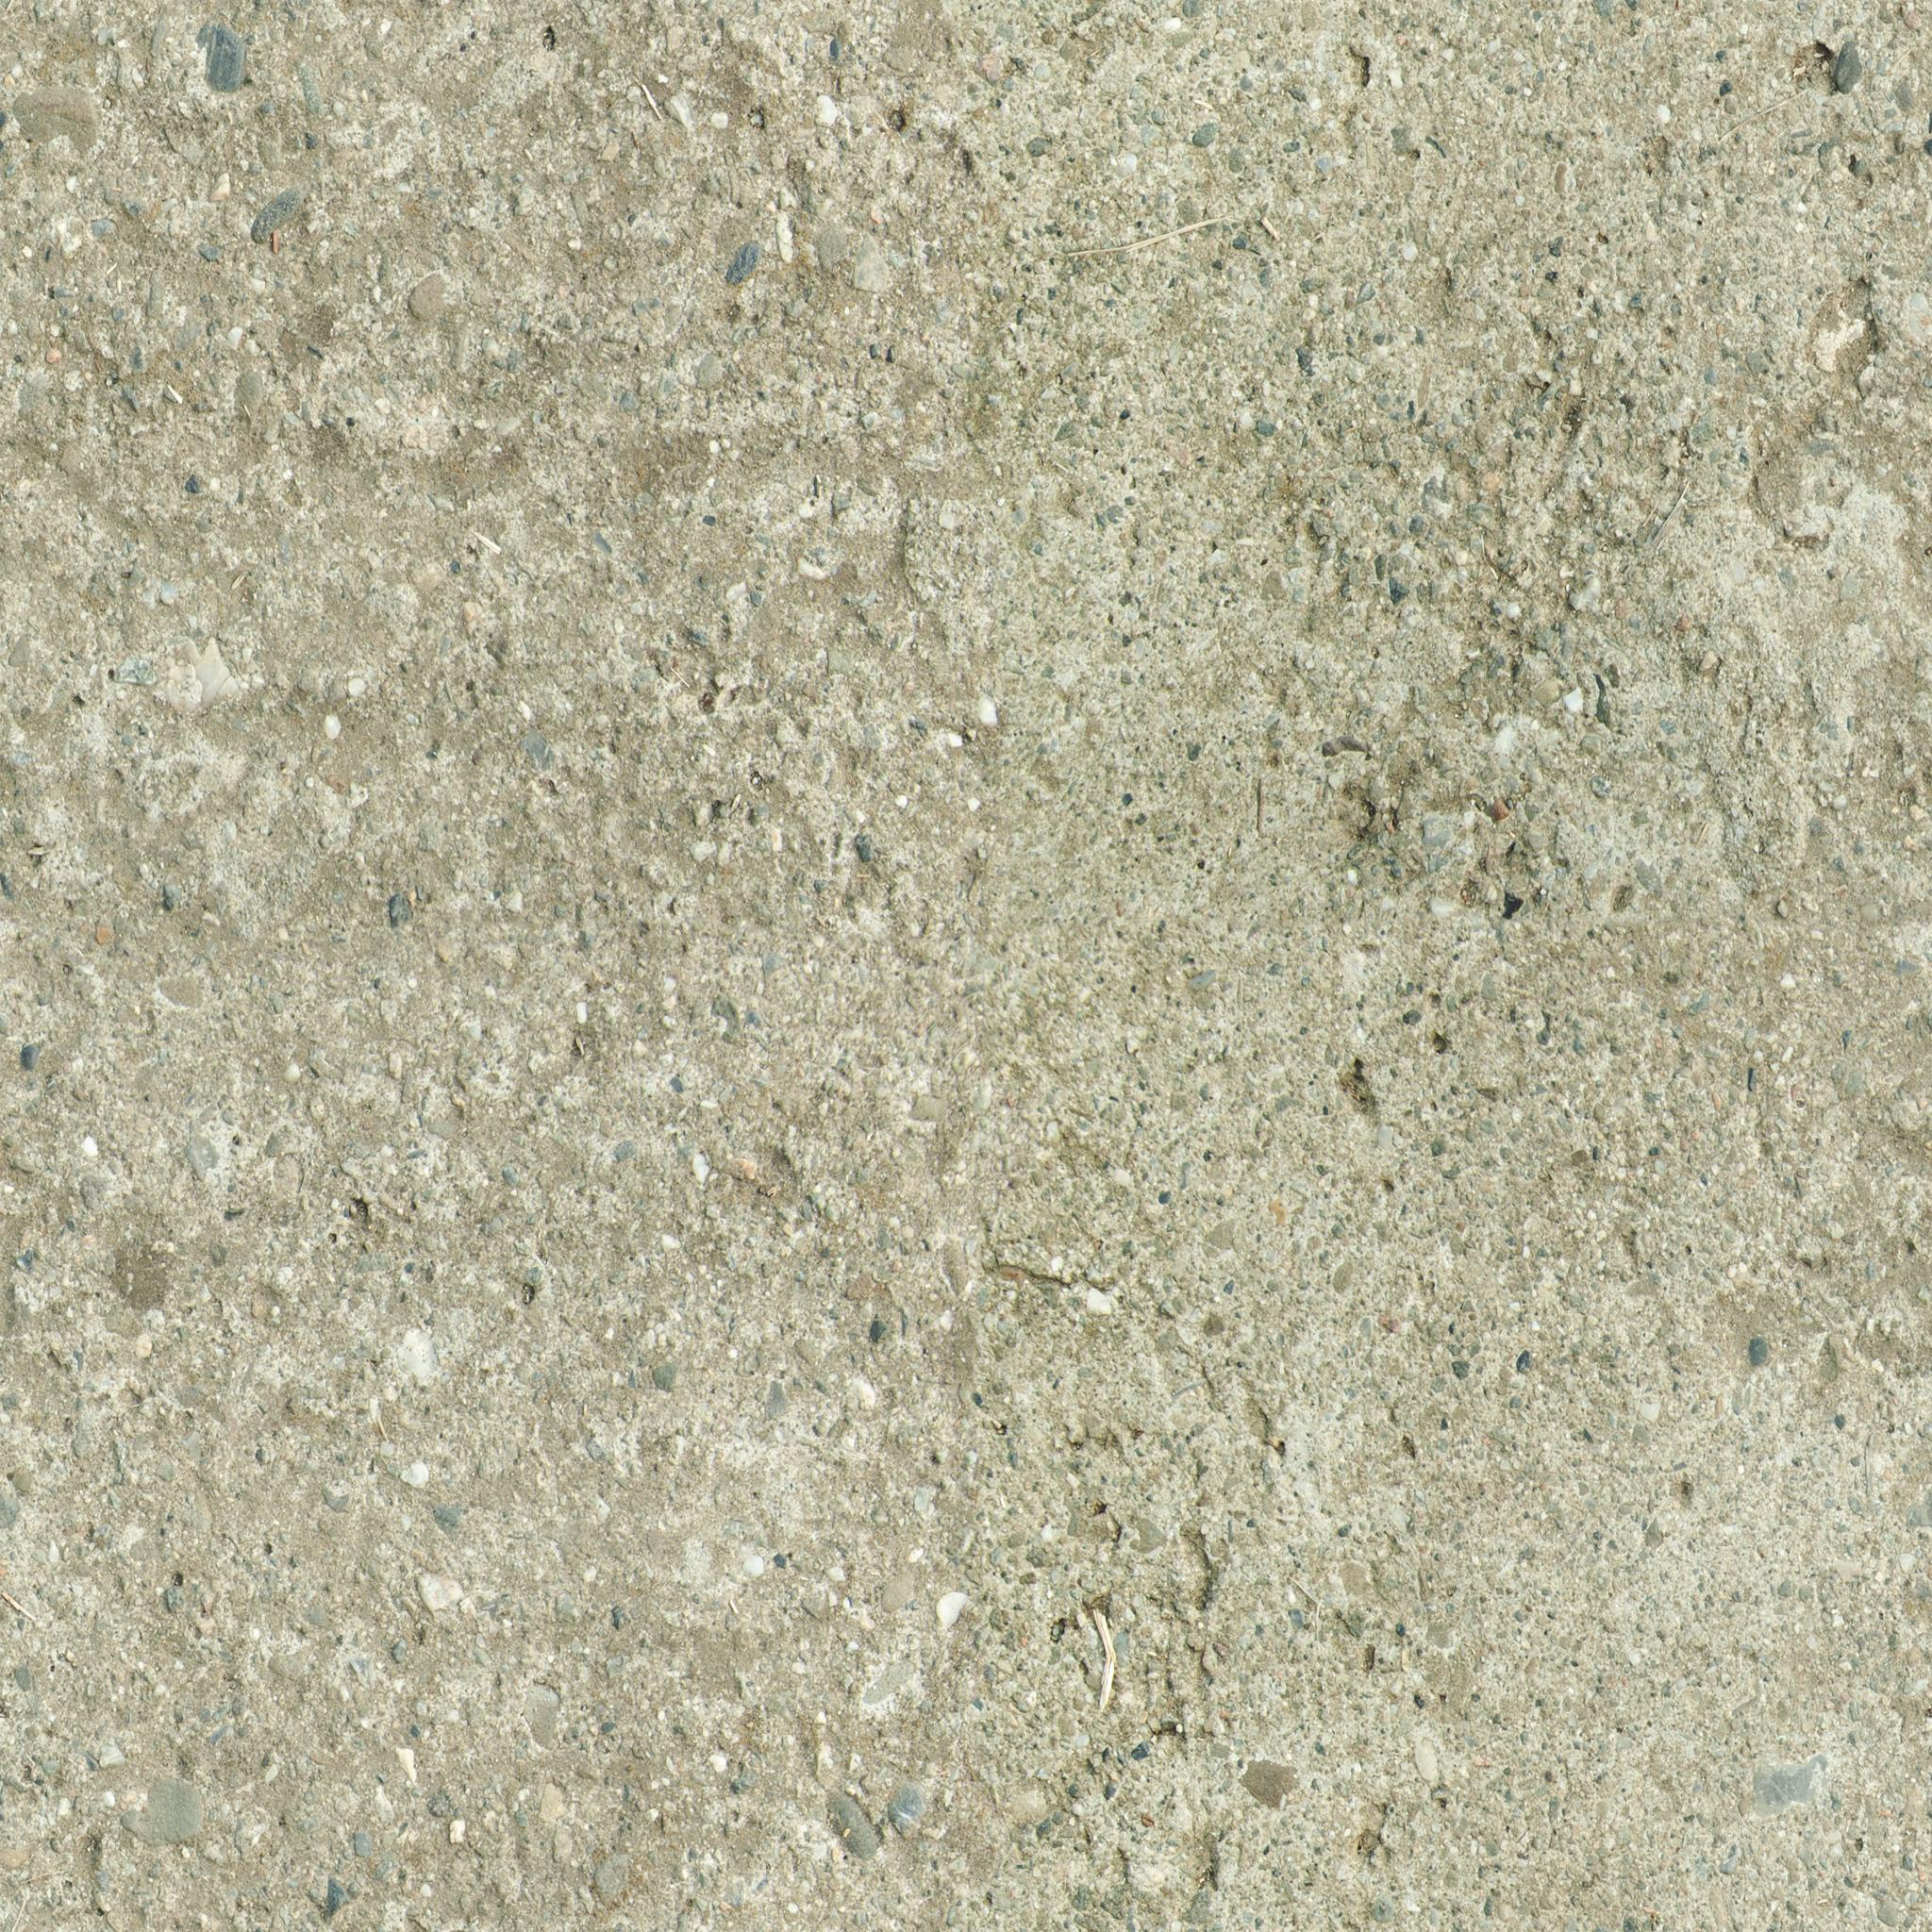 Gray Fine Concrete.jpg